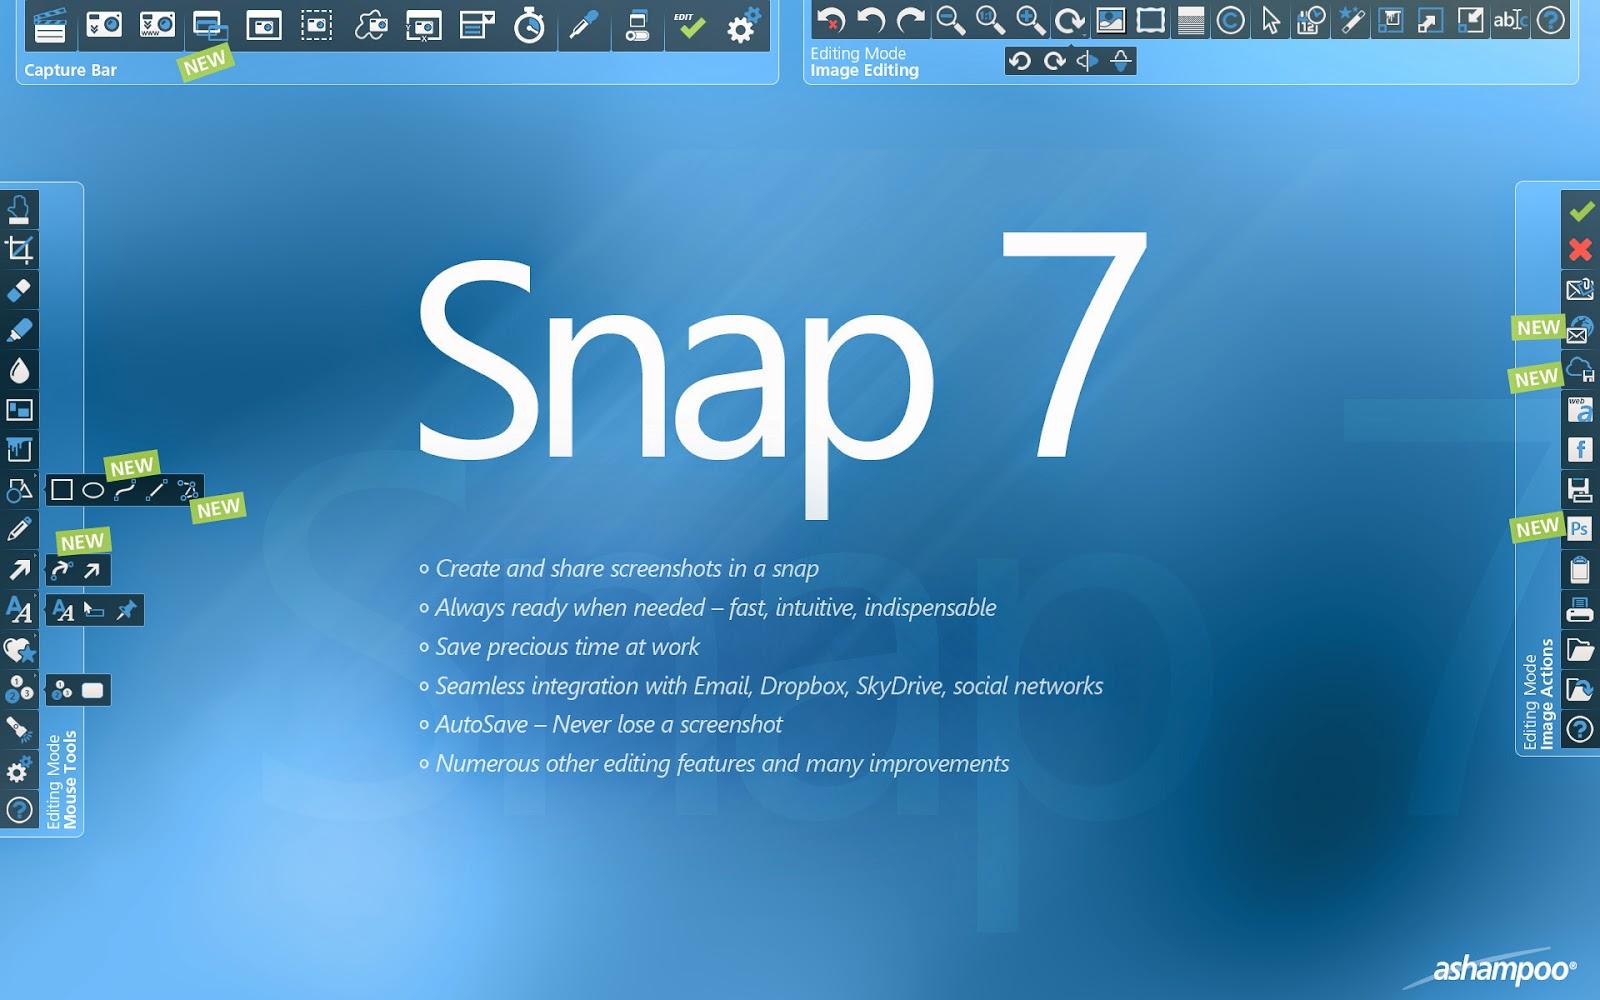 http://4.bp.blogspot.com/-4_bu7X00wtE/U3UzoWIeZ1I/AAAAAAAAguE/h1hDO3ZfqhQ/s1600/4ashampoo_snap_7.jpg